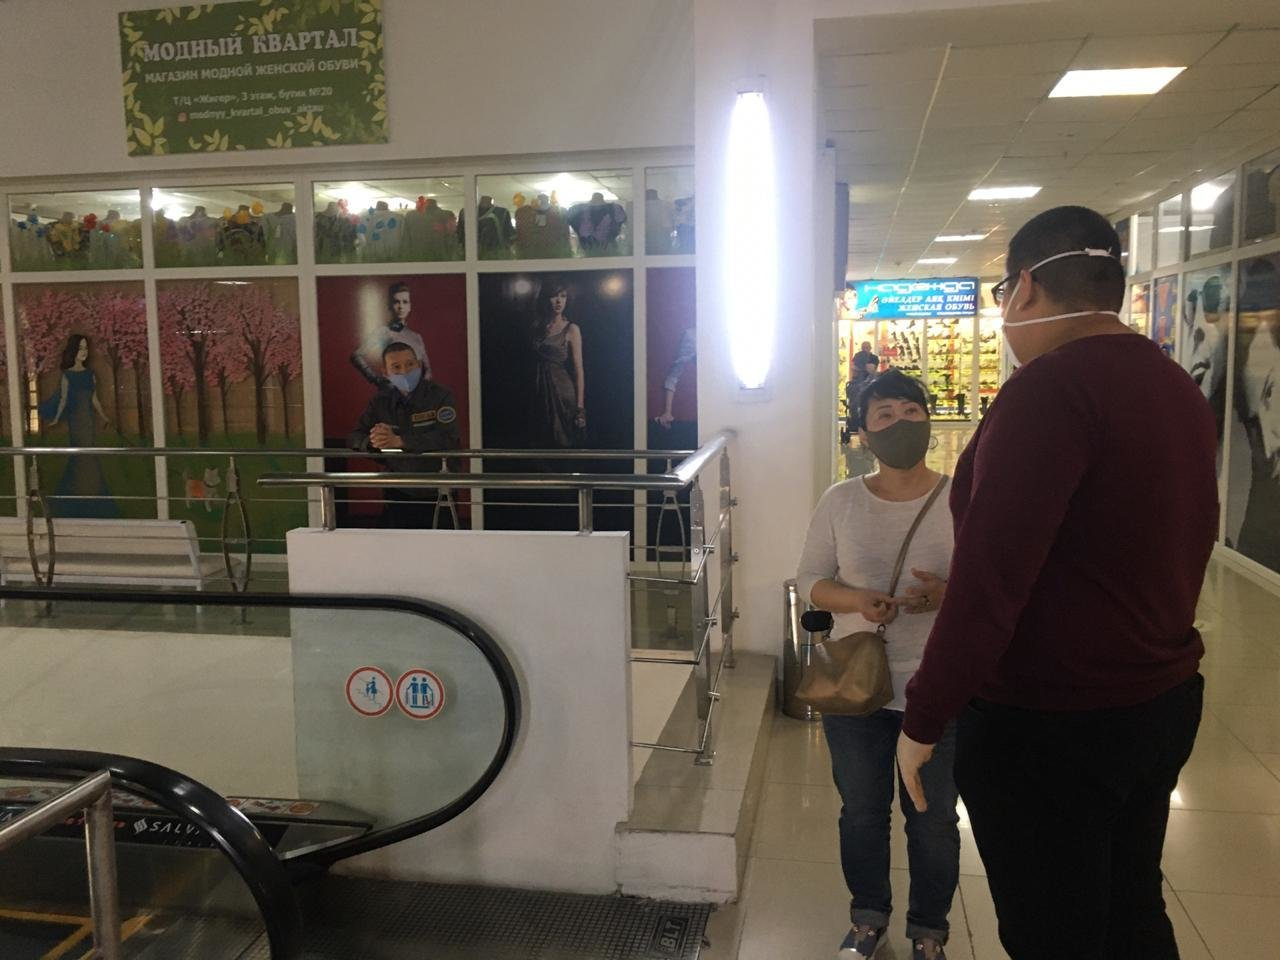 В Актау в семи торговых точках выявили нарушения карантинного режима, фото-2